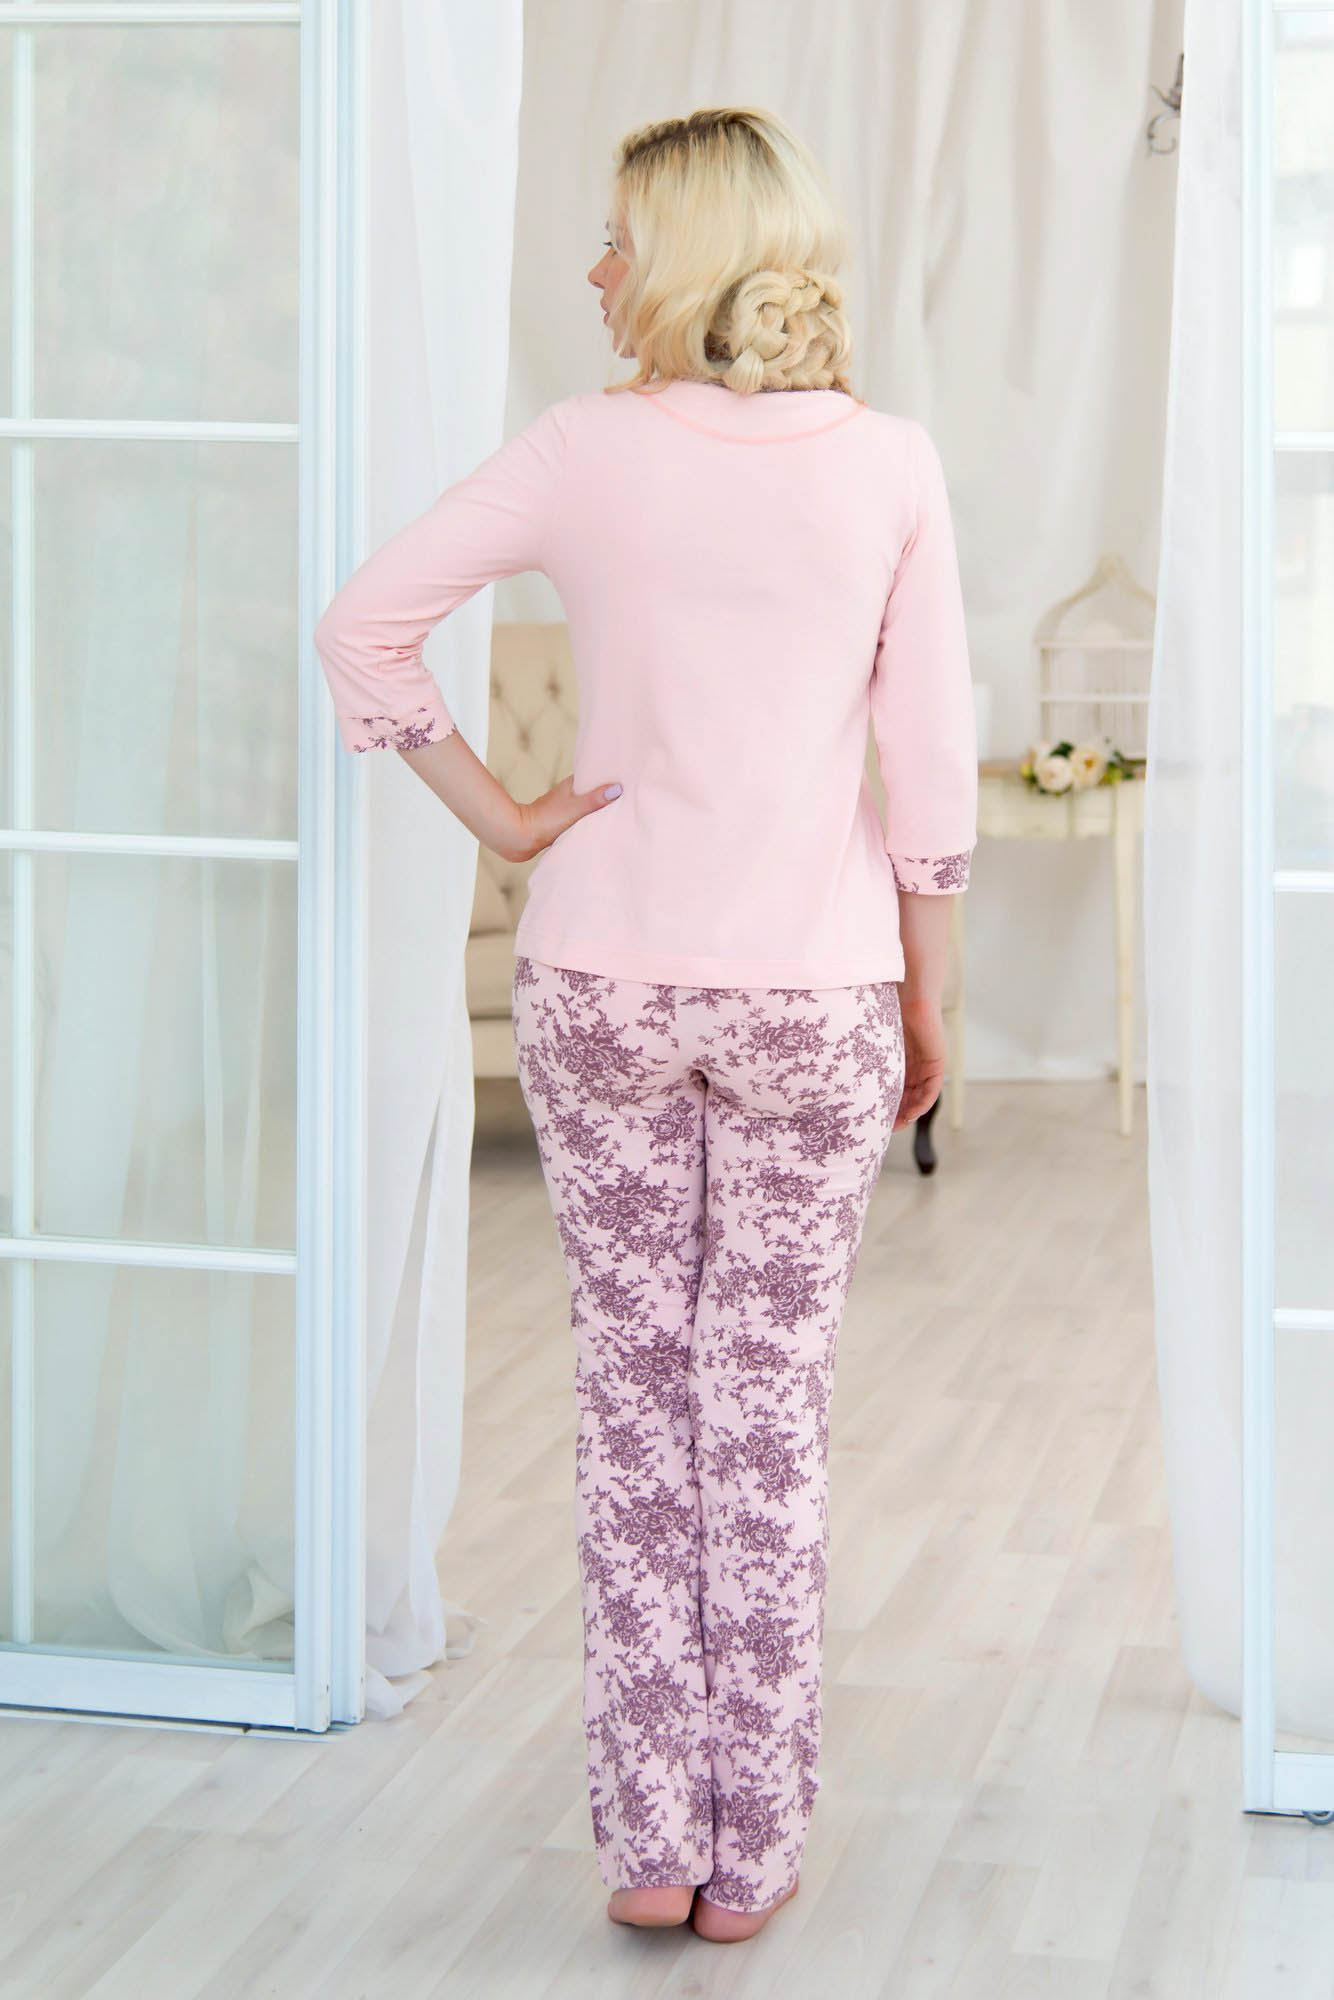 Костюмы для дома и отдыха Mia Cara Костюм для дома Valvella Цвет: Розовый (xxL) пижамы mia cara пижама paisley цвет розовый m l